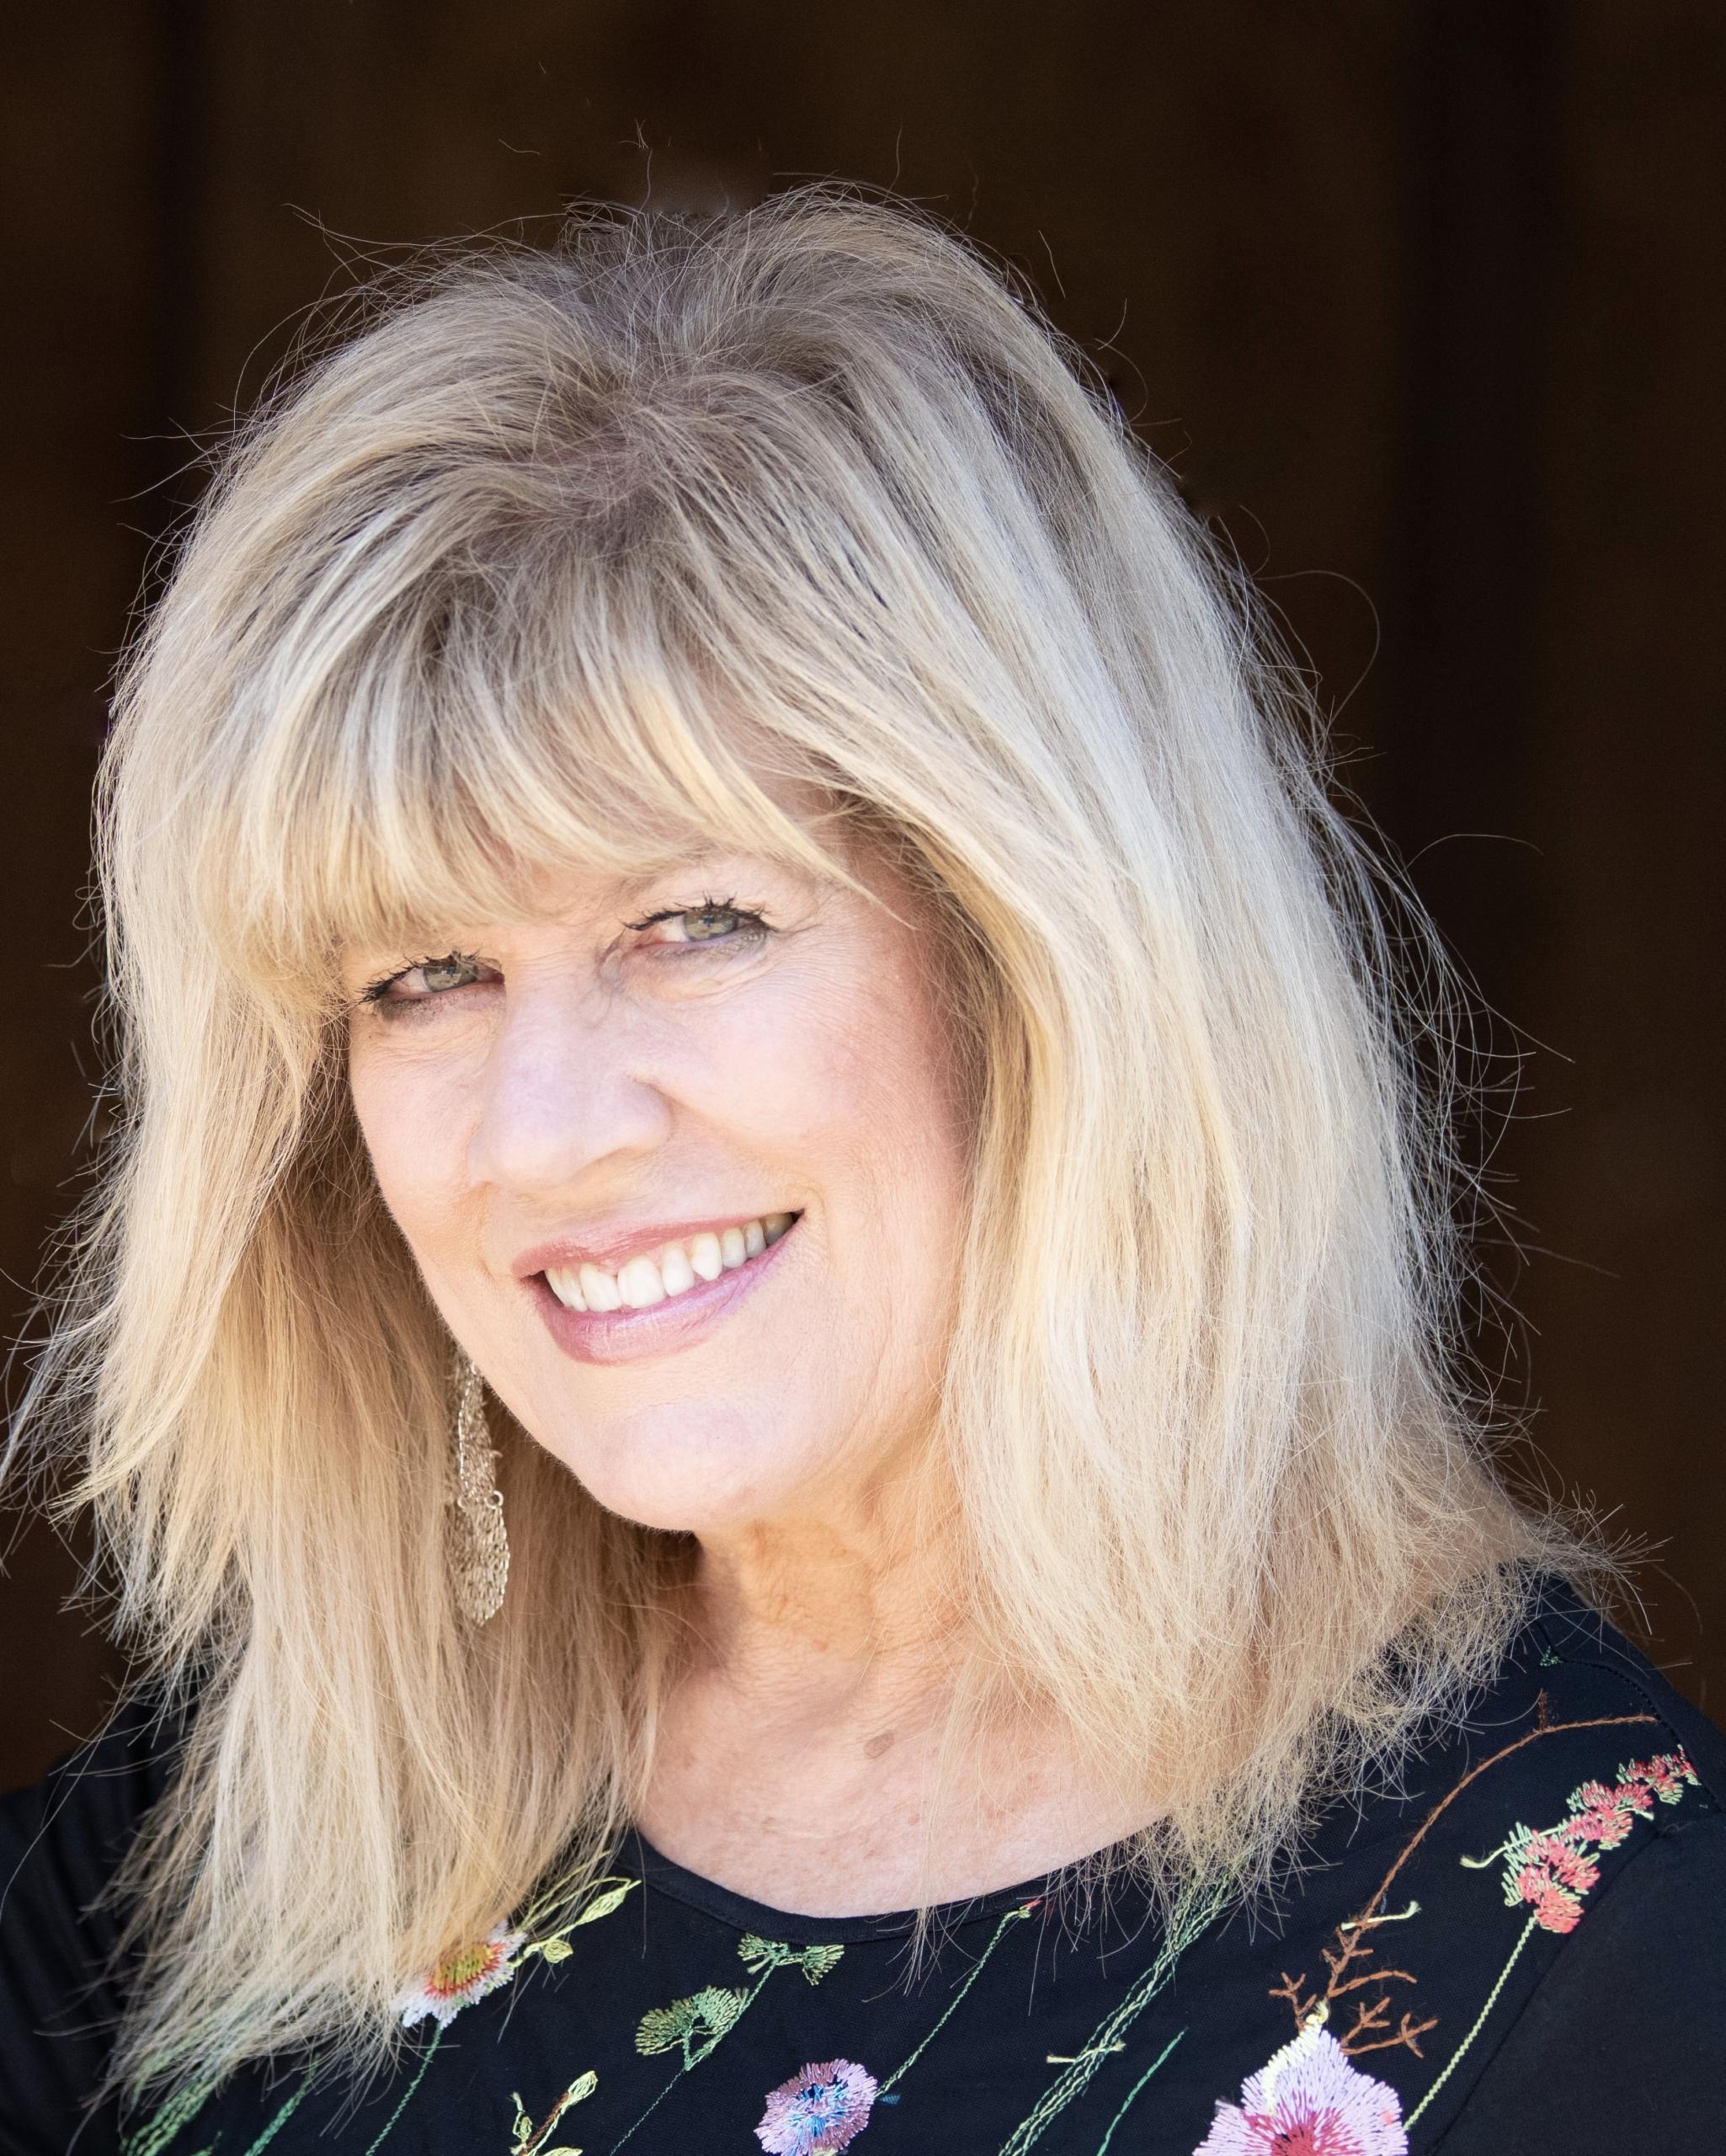 Cherie Shipley to lead jazz jam